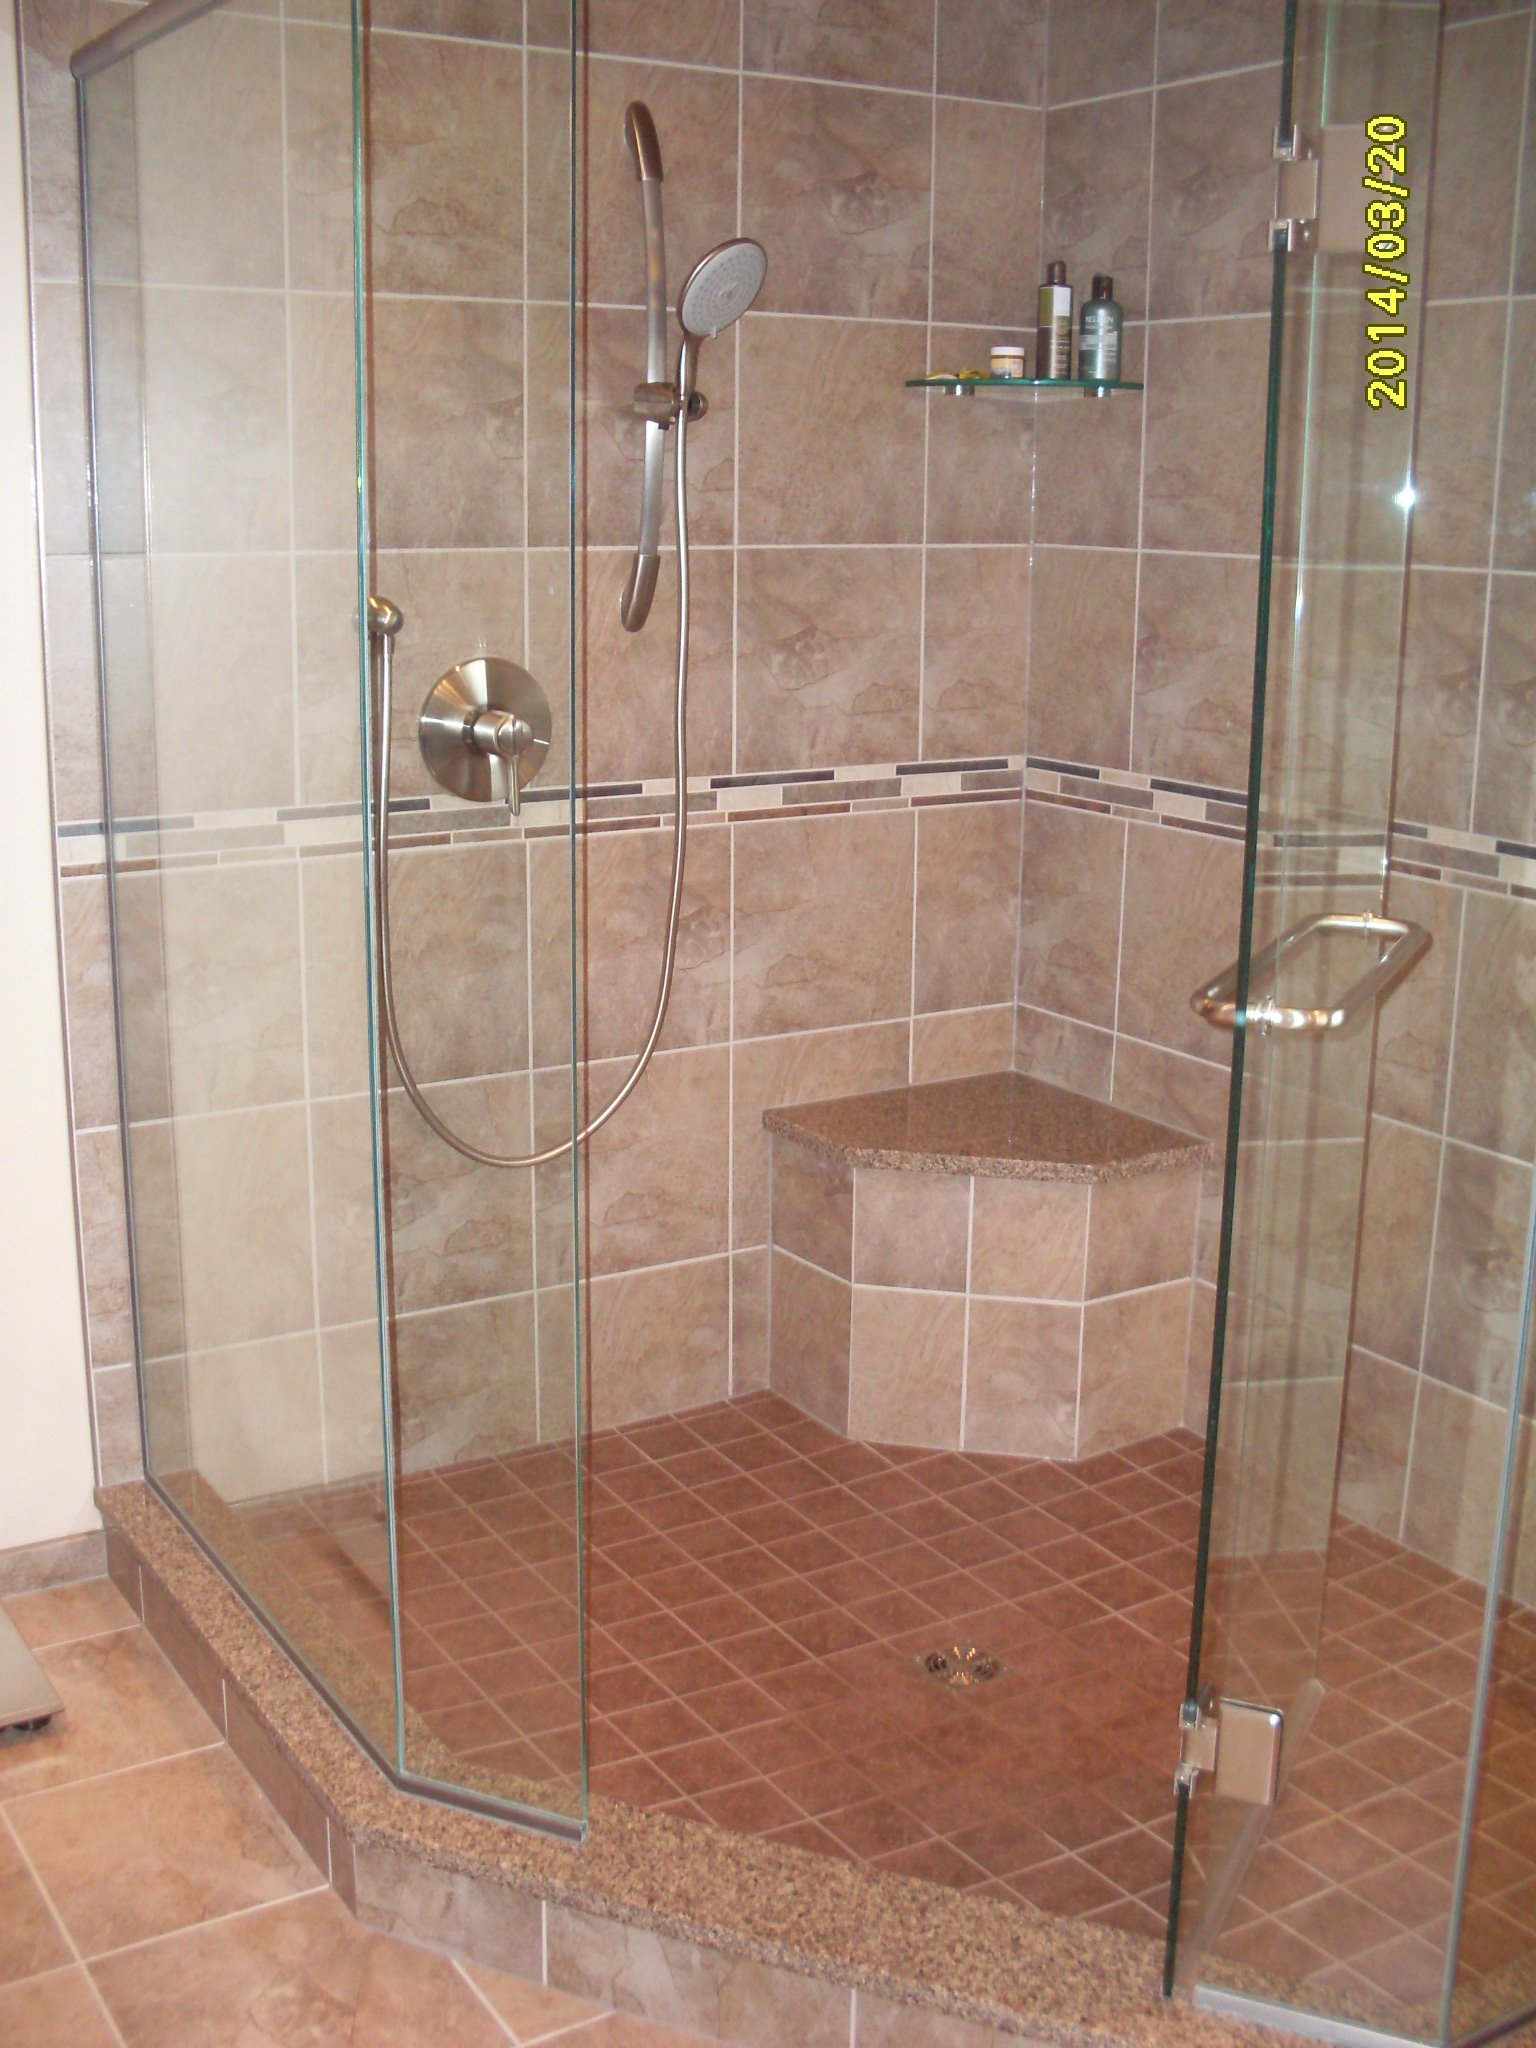 Bathroom Renovations Questions unique bathroom designs | aqua-tech